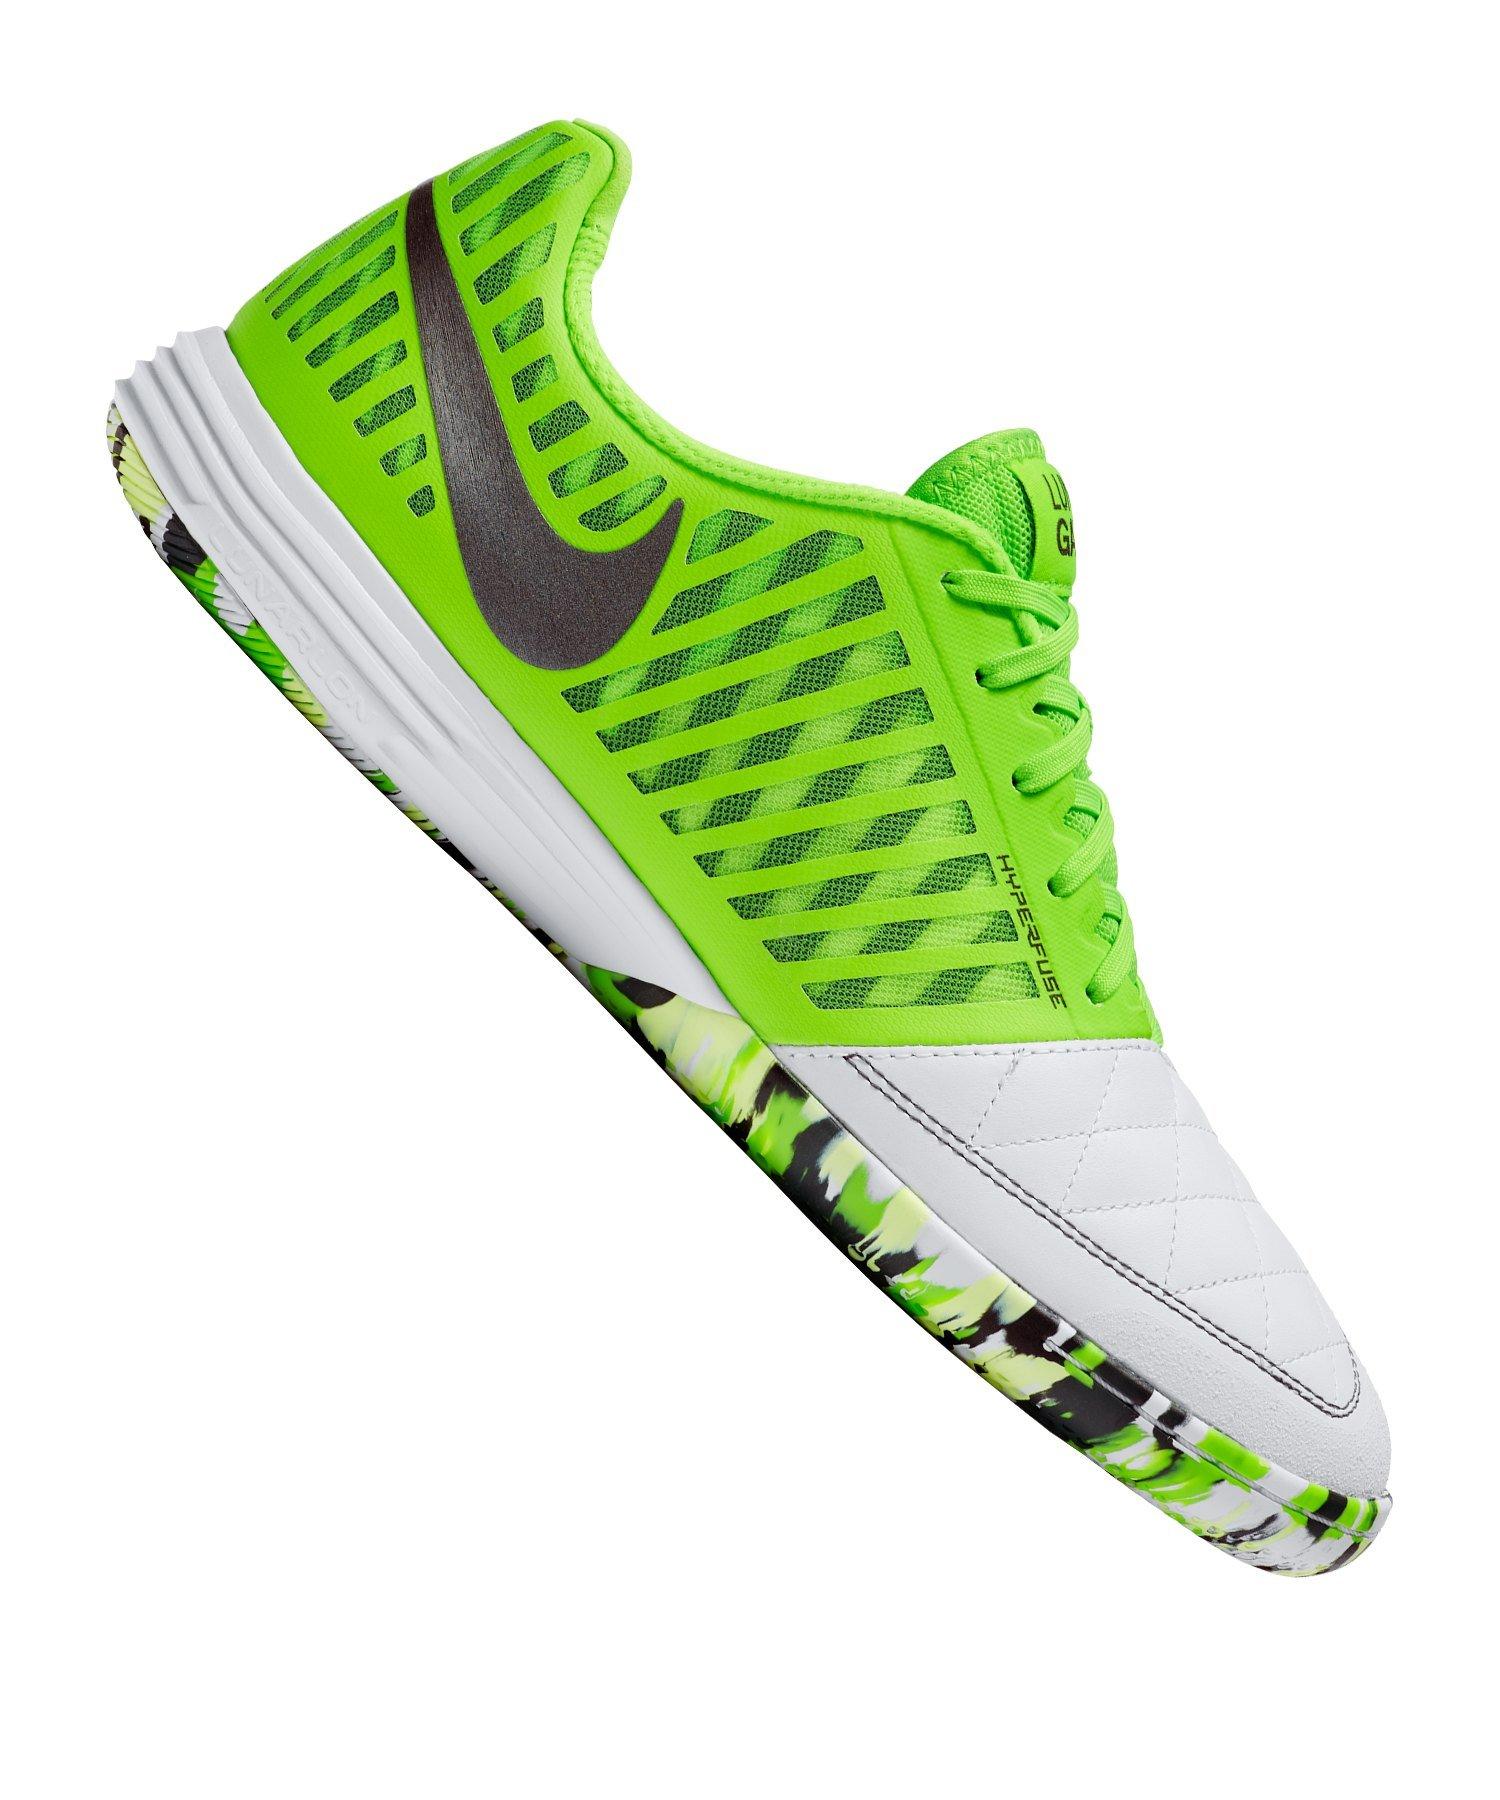 2 Nike Schuhe für 10 Euro